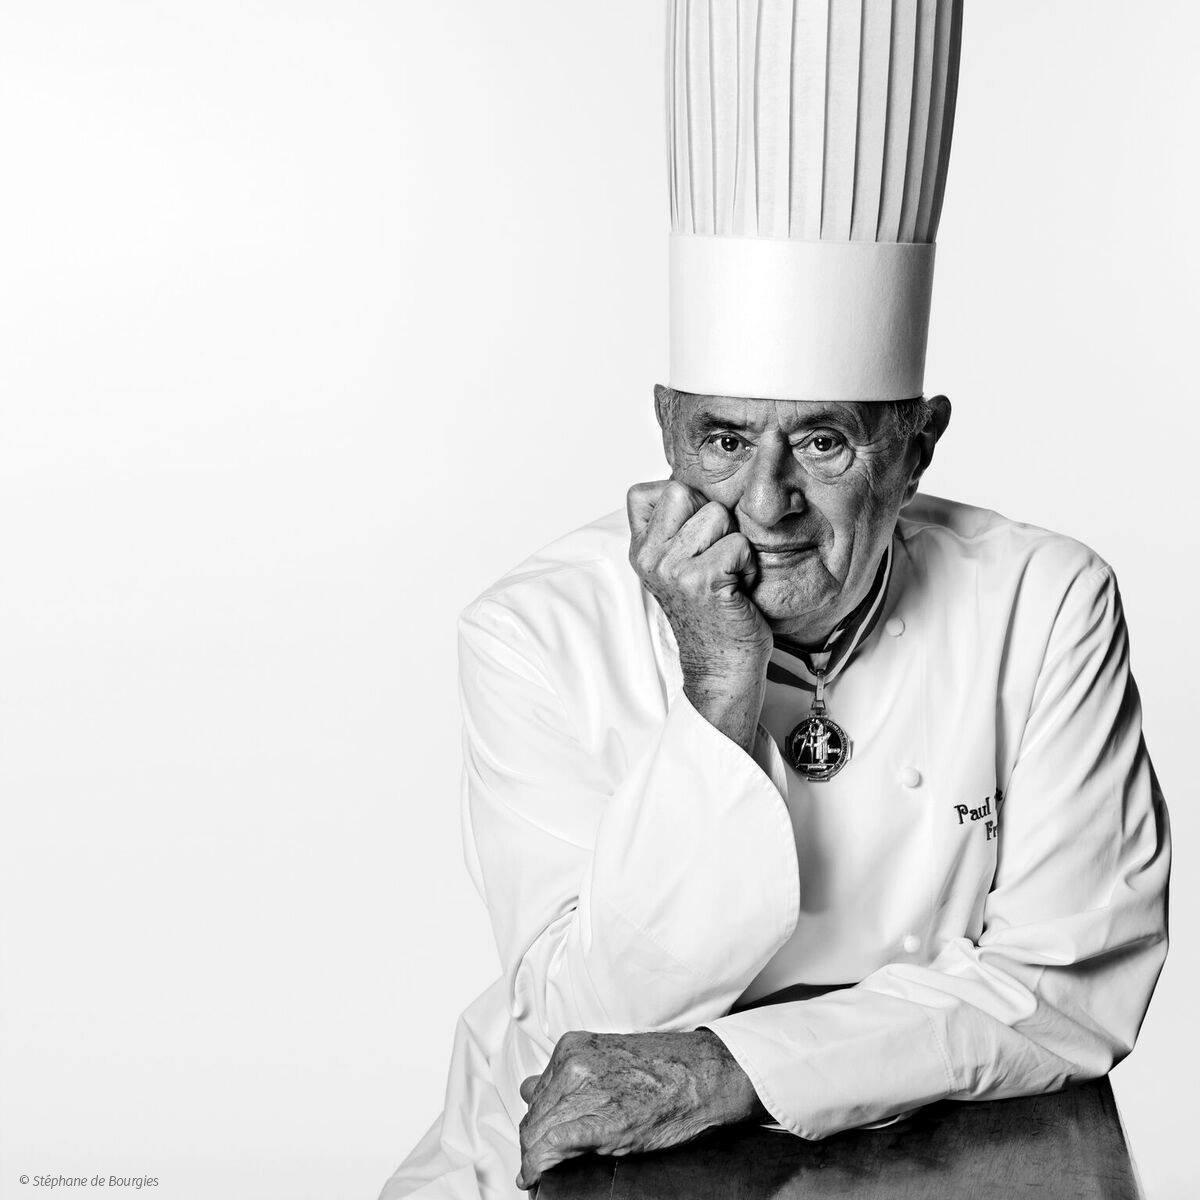 Dünyanın en ünlü aşçılarından Paul Bocuse hayatını kaybetti